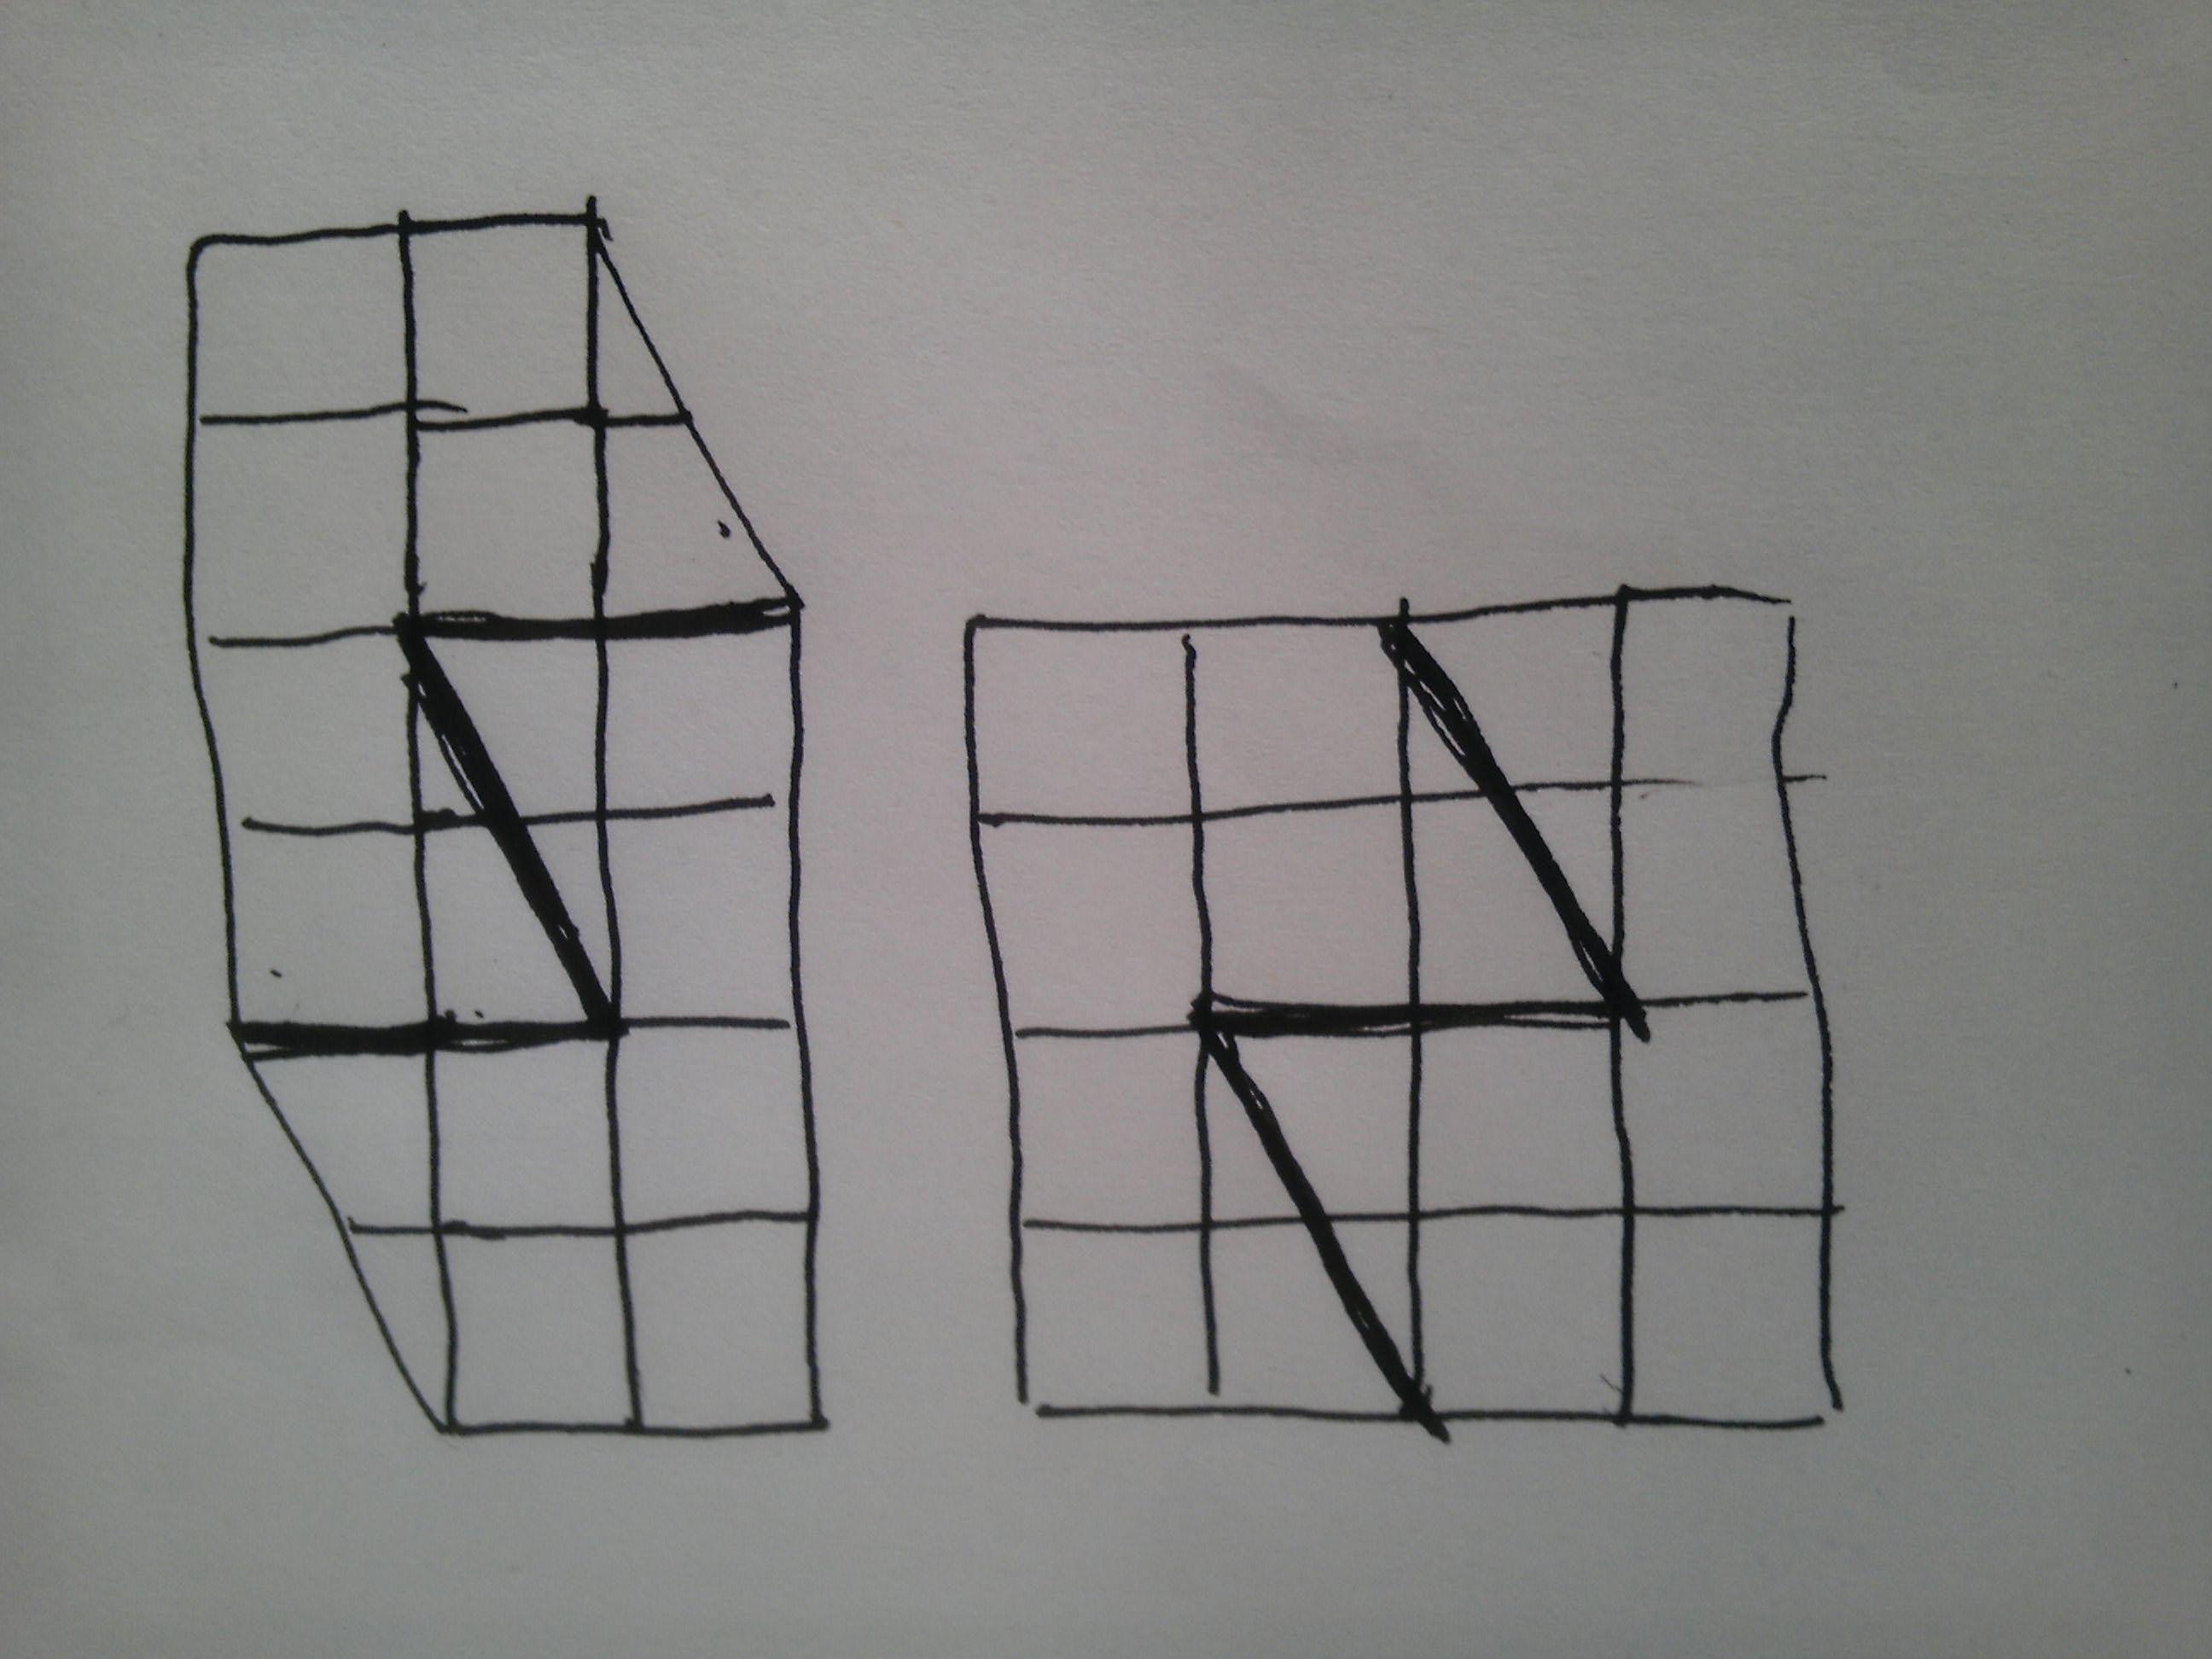 如图,是有几个小正方形和三角形组成的图案,要求分成2图片